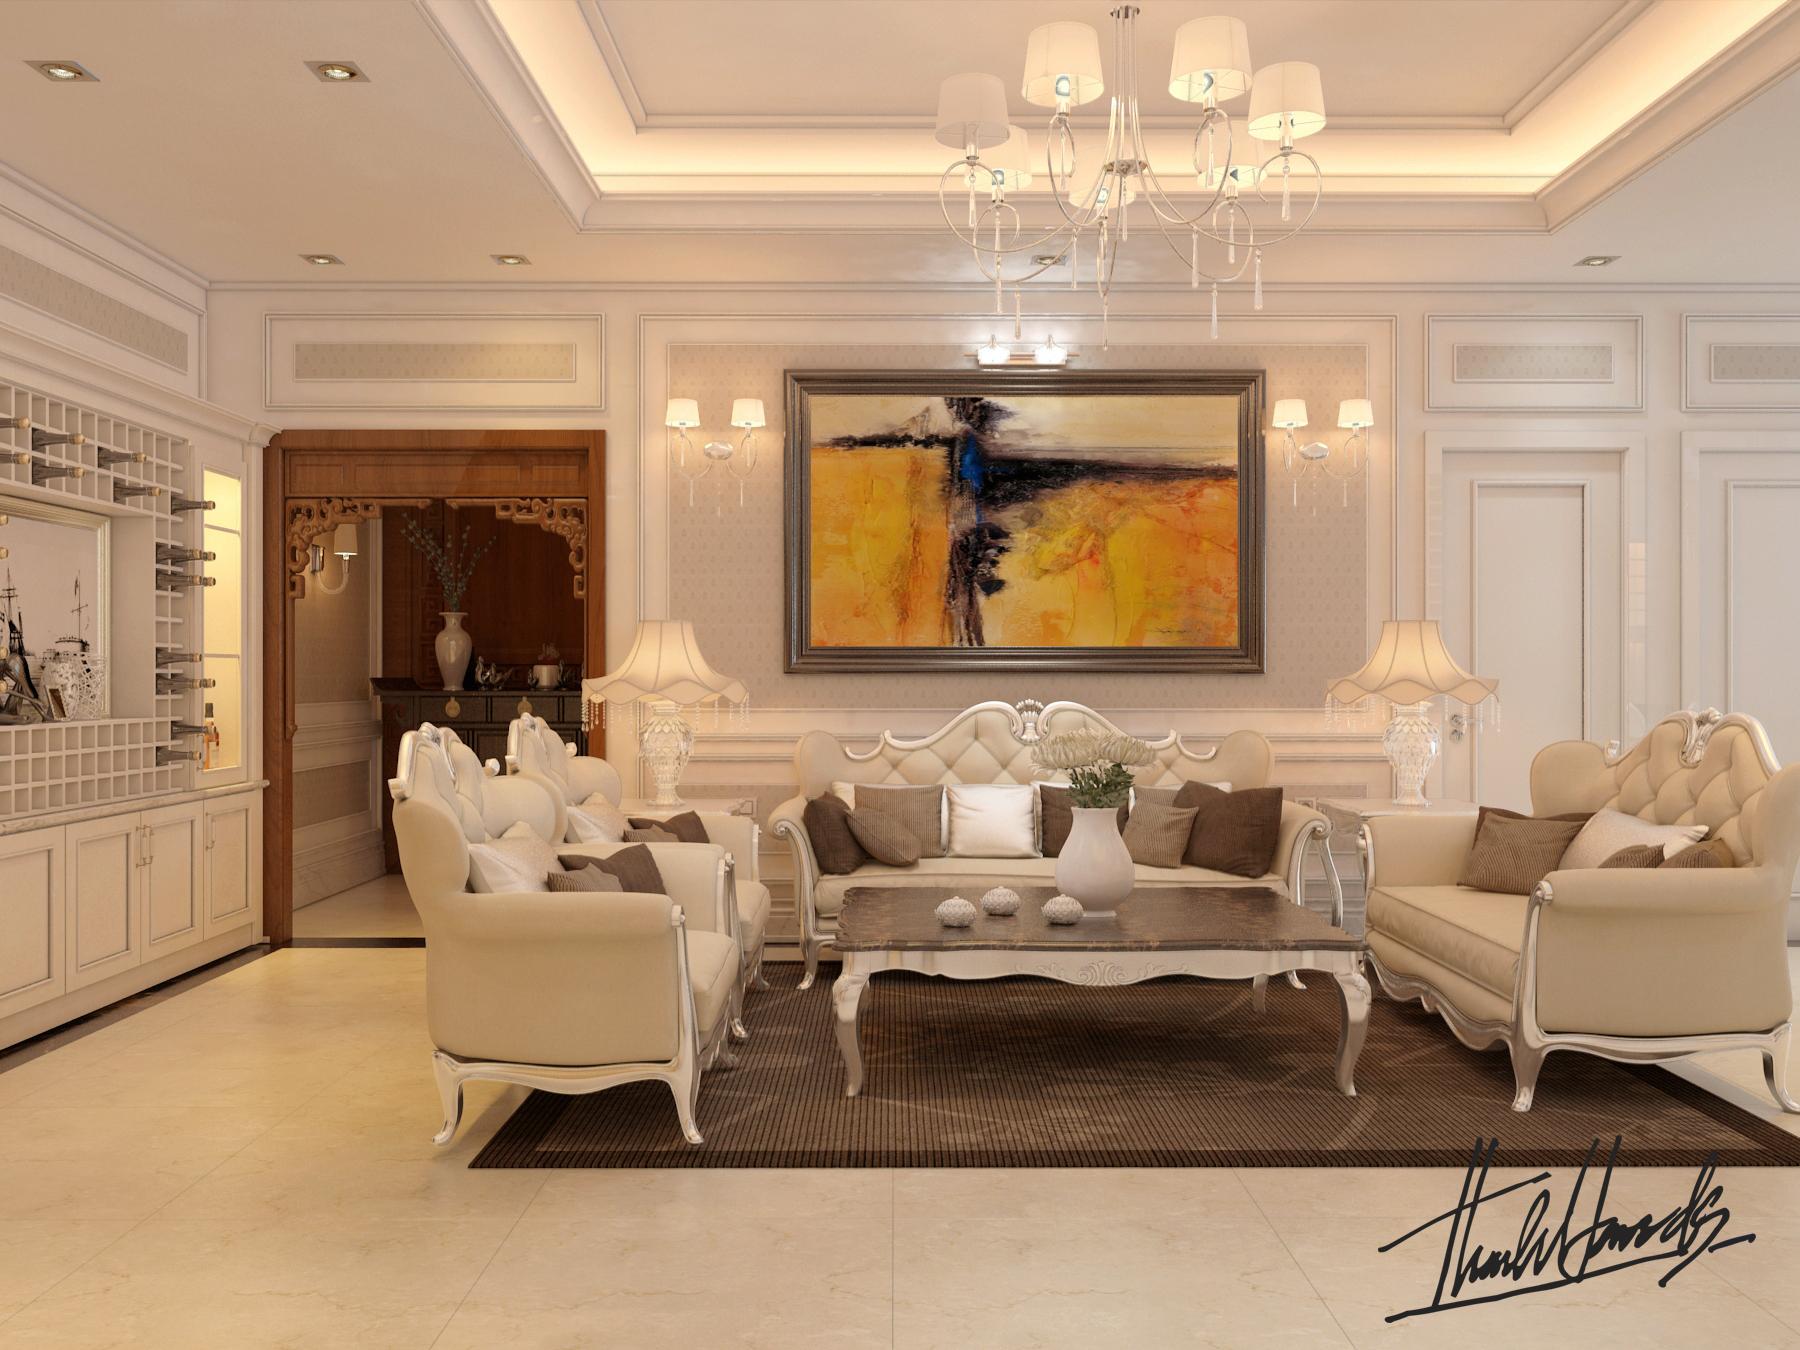 thiết kế nội thất chung cư tại Hà Nội chung cư trang an complex 2 1568277032